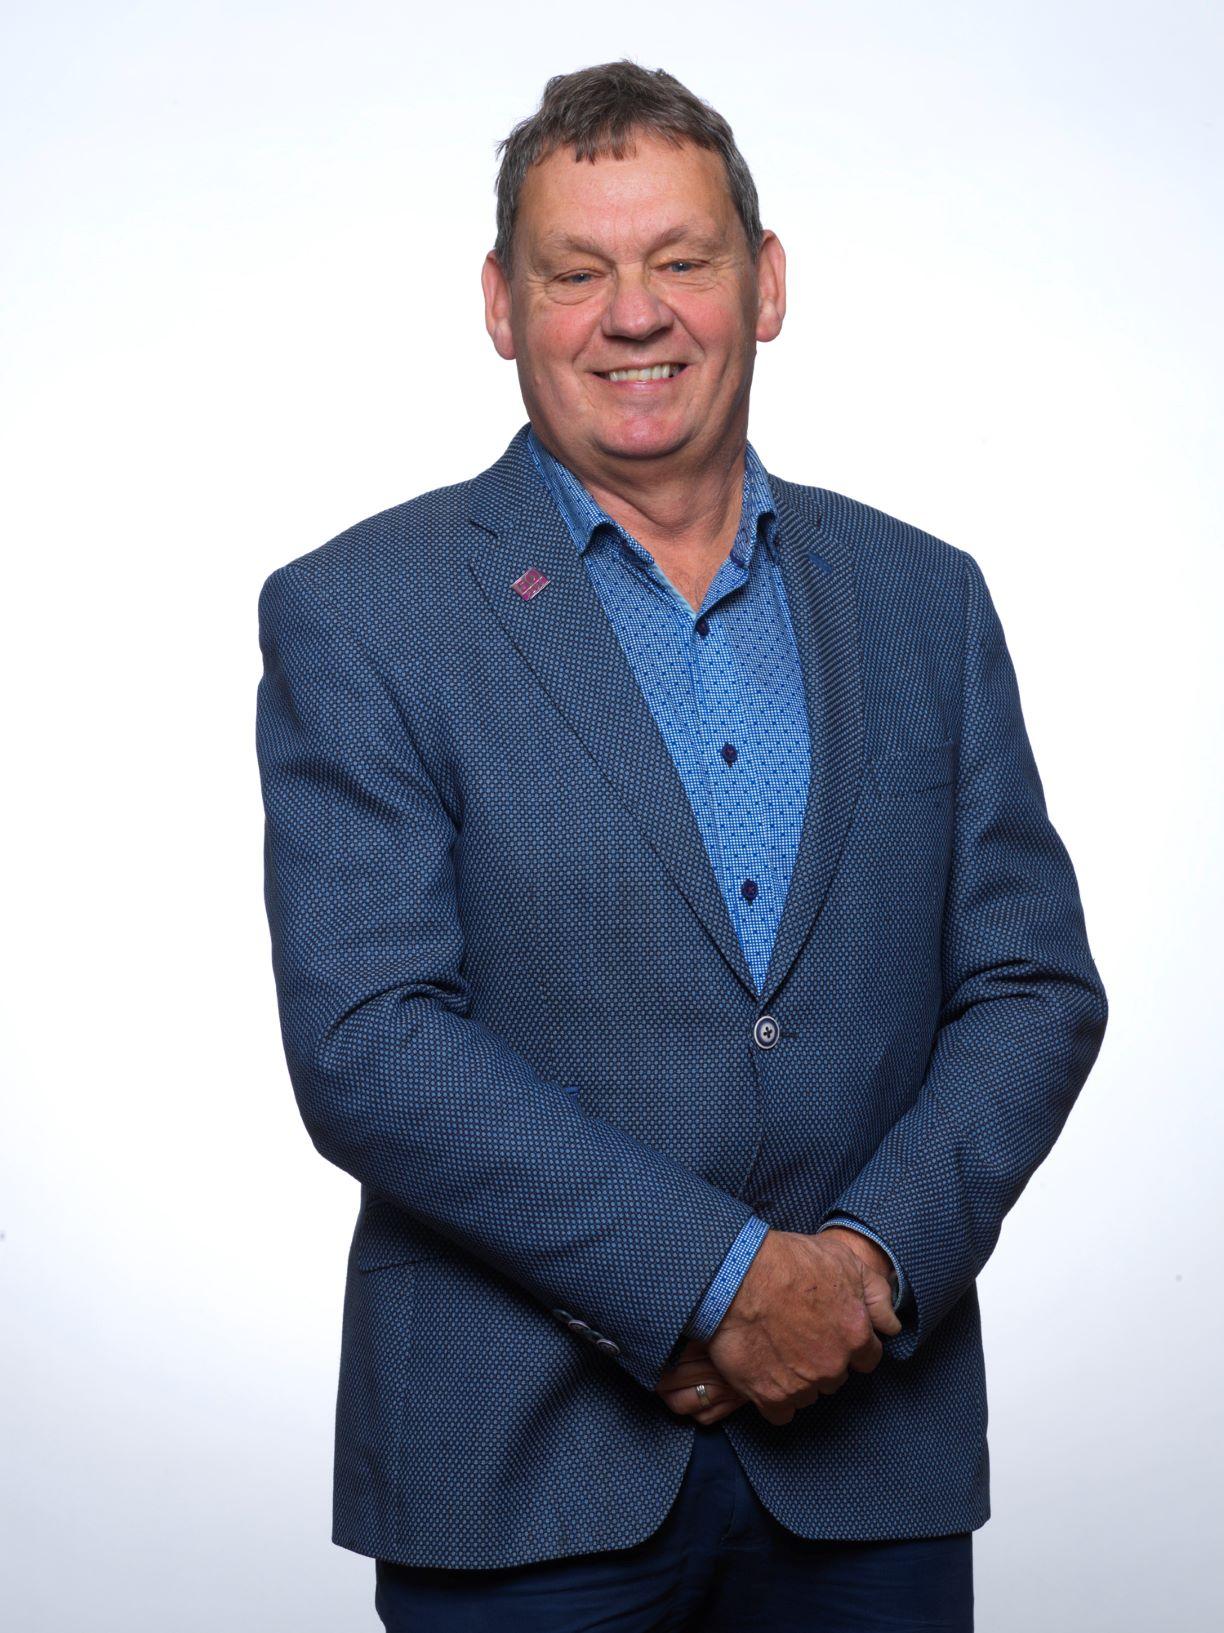 Kandidaat Tweede Kamer 50PLUS: Henk van Tilborg - Foto: Patricia Steur